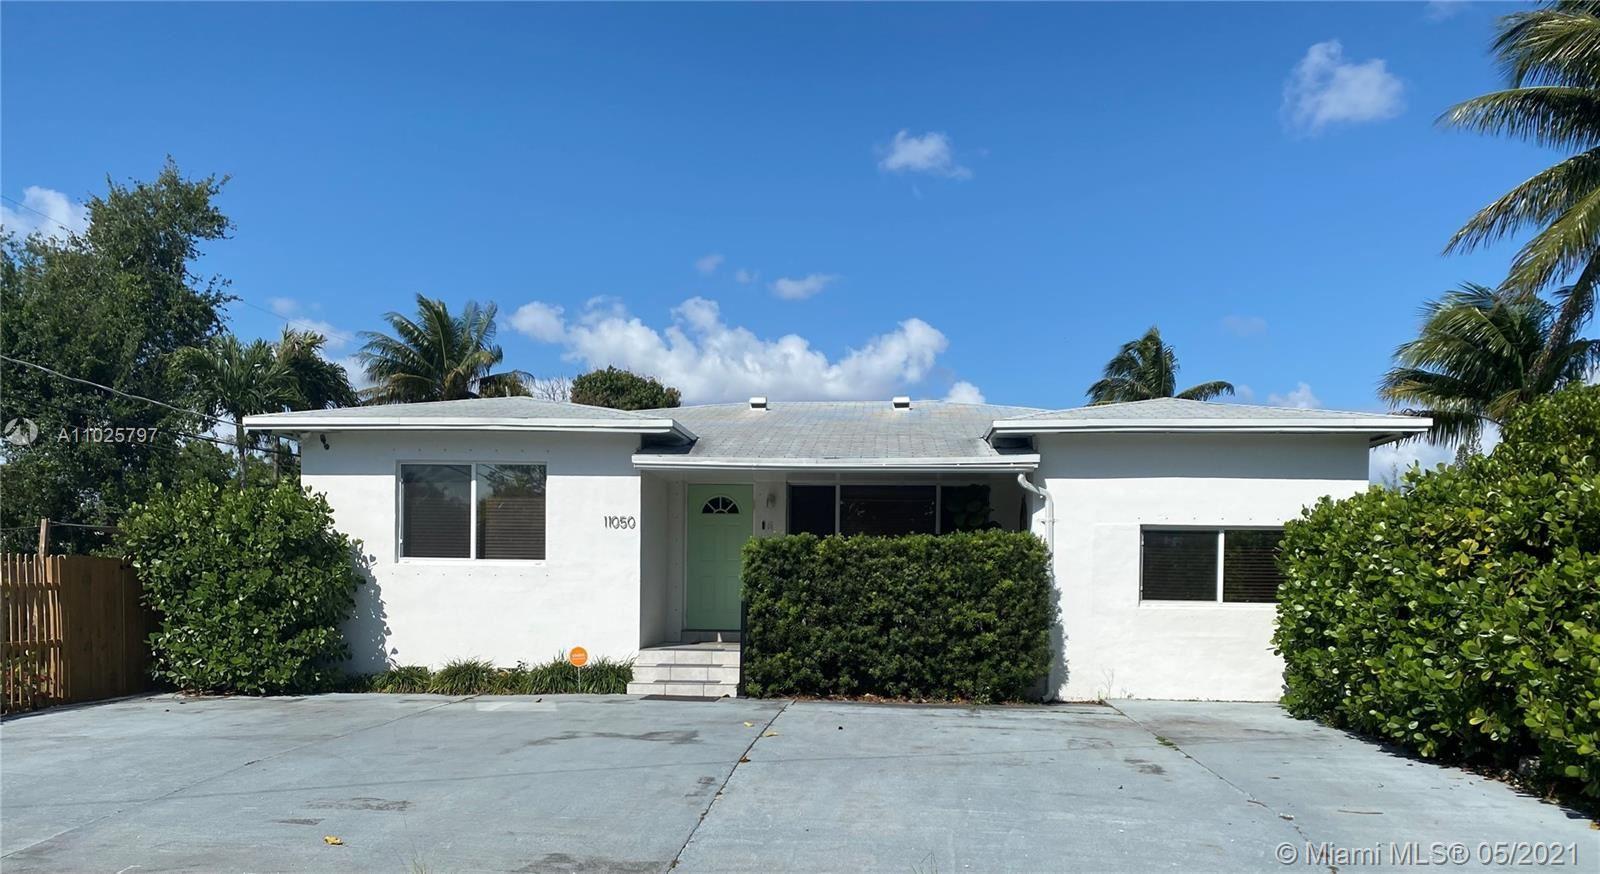 11050 NE 3rd Ave, Miami, FL 33161 - #: A11025797